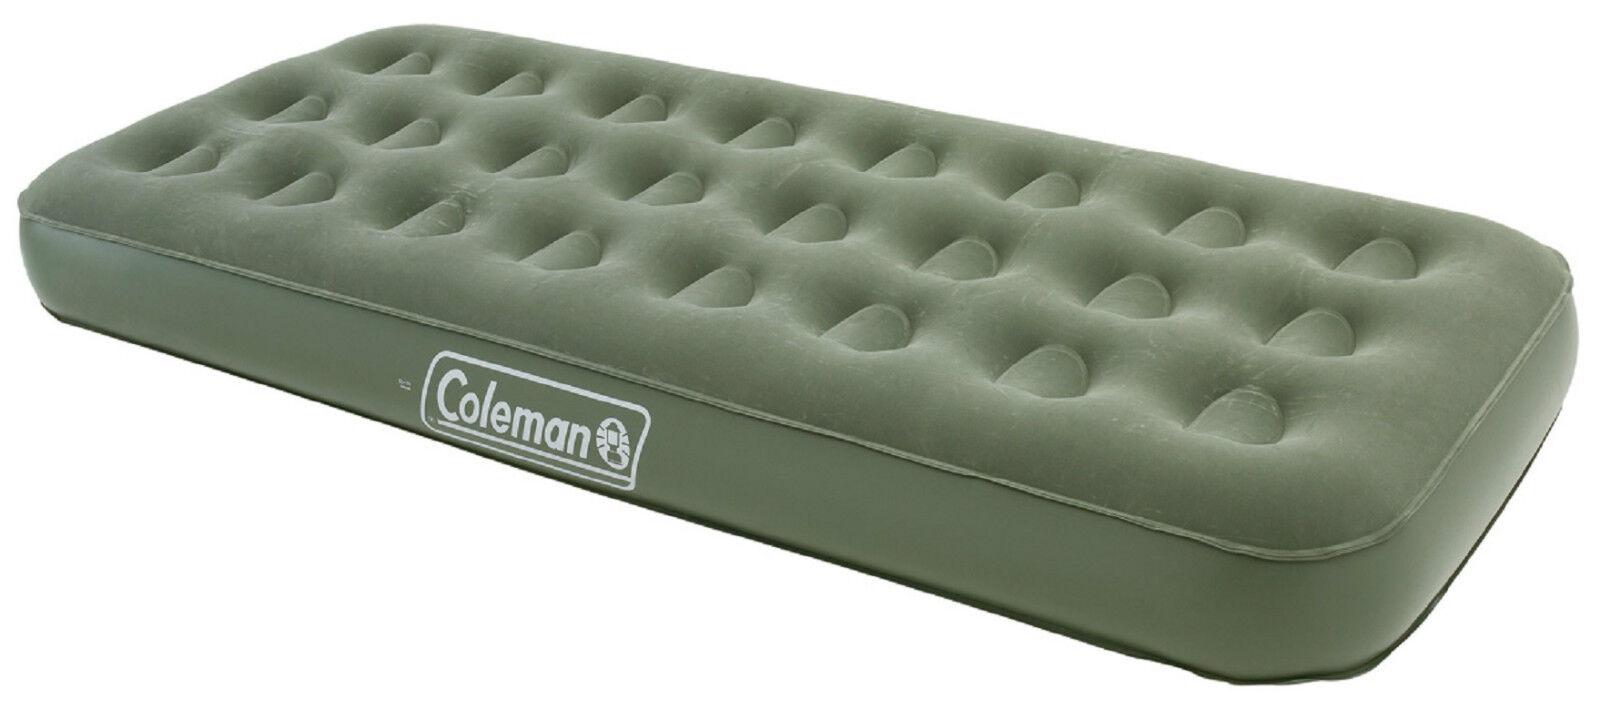 COLEMAN MAXI COMFORT BED SINGLE LUFTBETT LUFTBETT LUFTBETT GÄSTEBETT 80409c